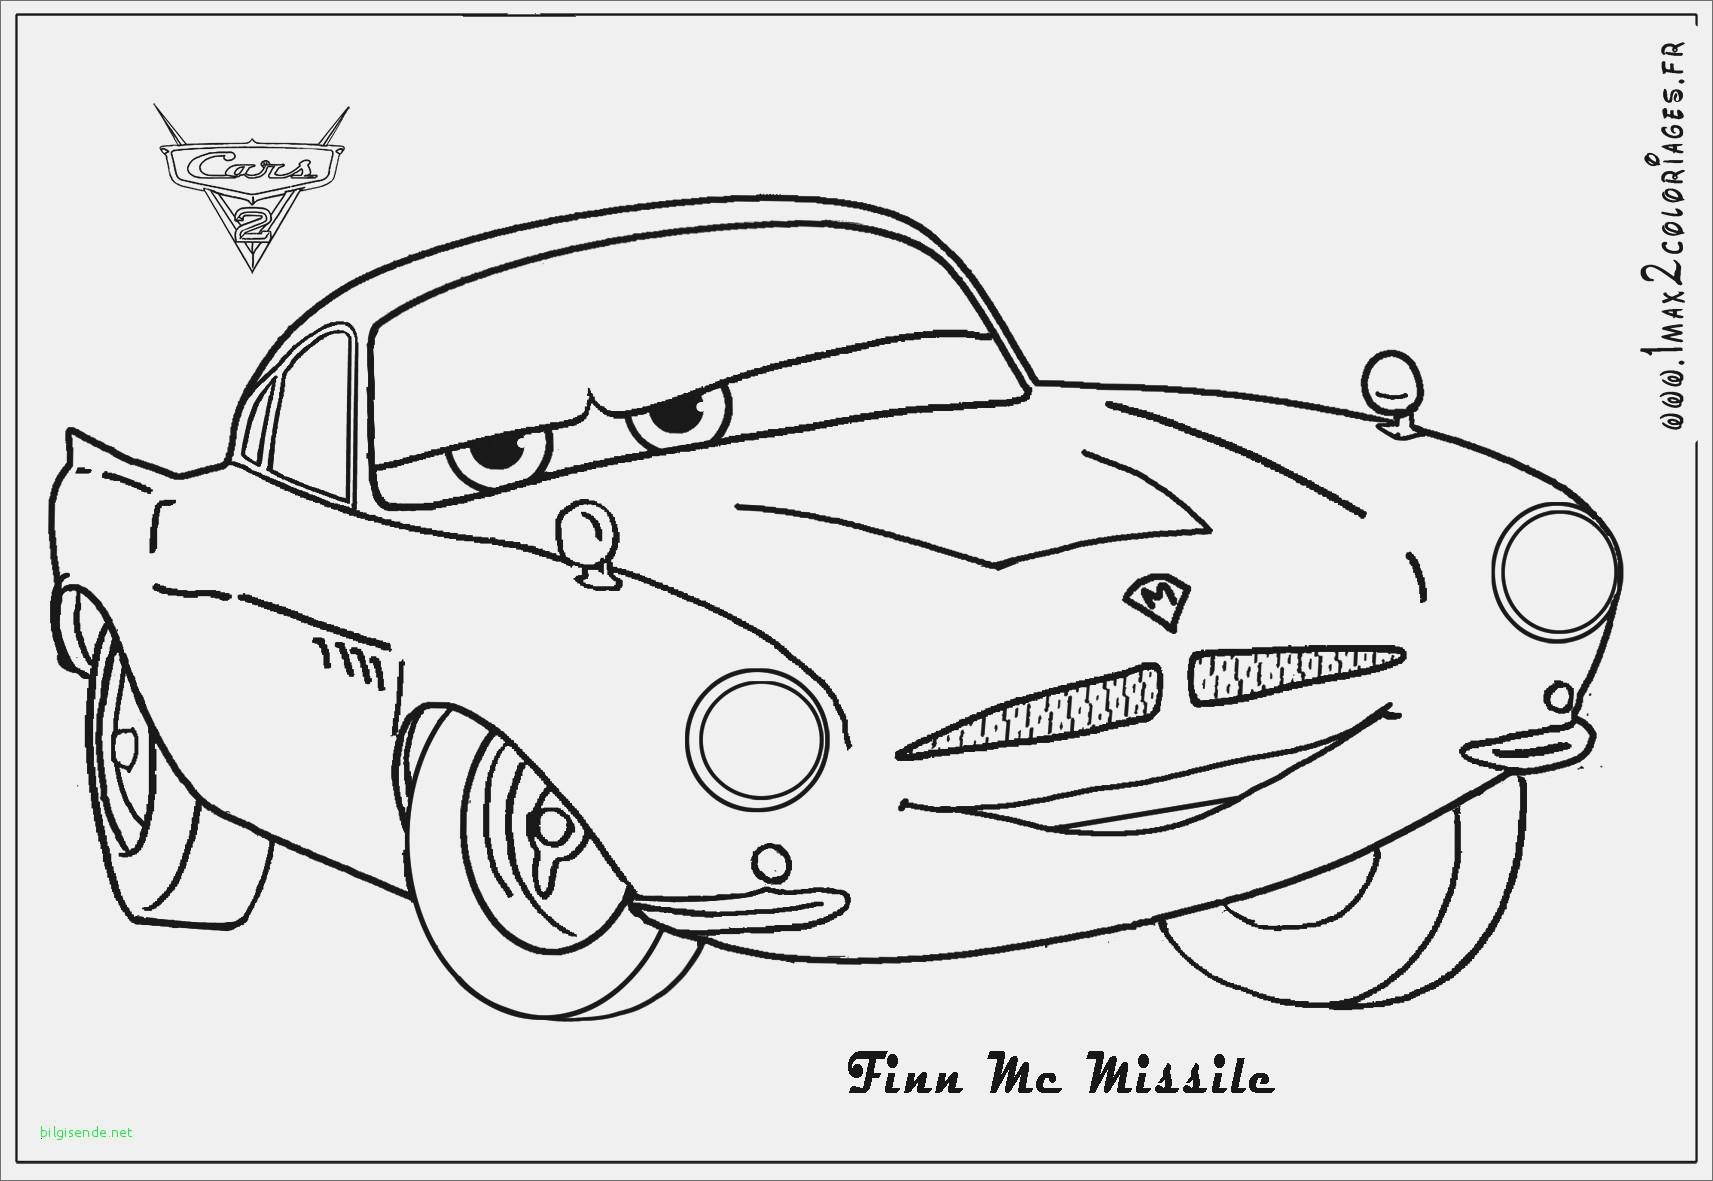 Auto Ausmalbilder Zum Ausdrucken Genial Lkw Malvorlagen Kostenlos Eine Sammlung Von Färbung Bilder 28 Fotos